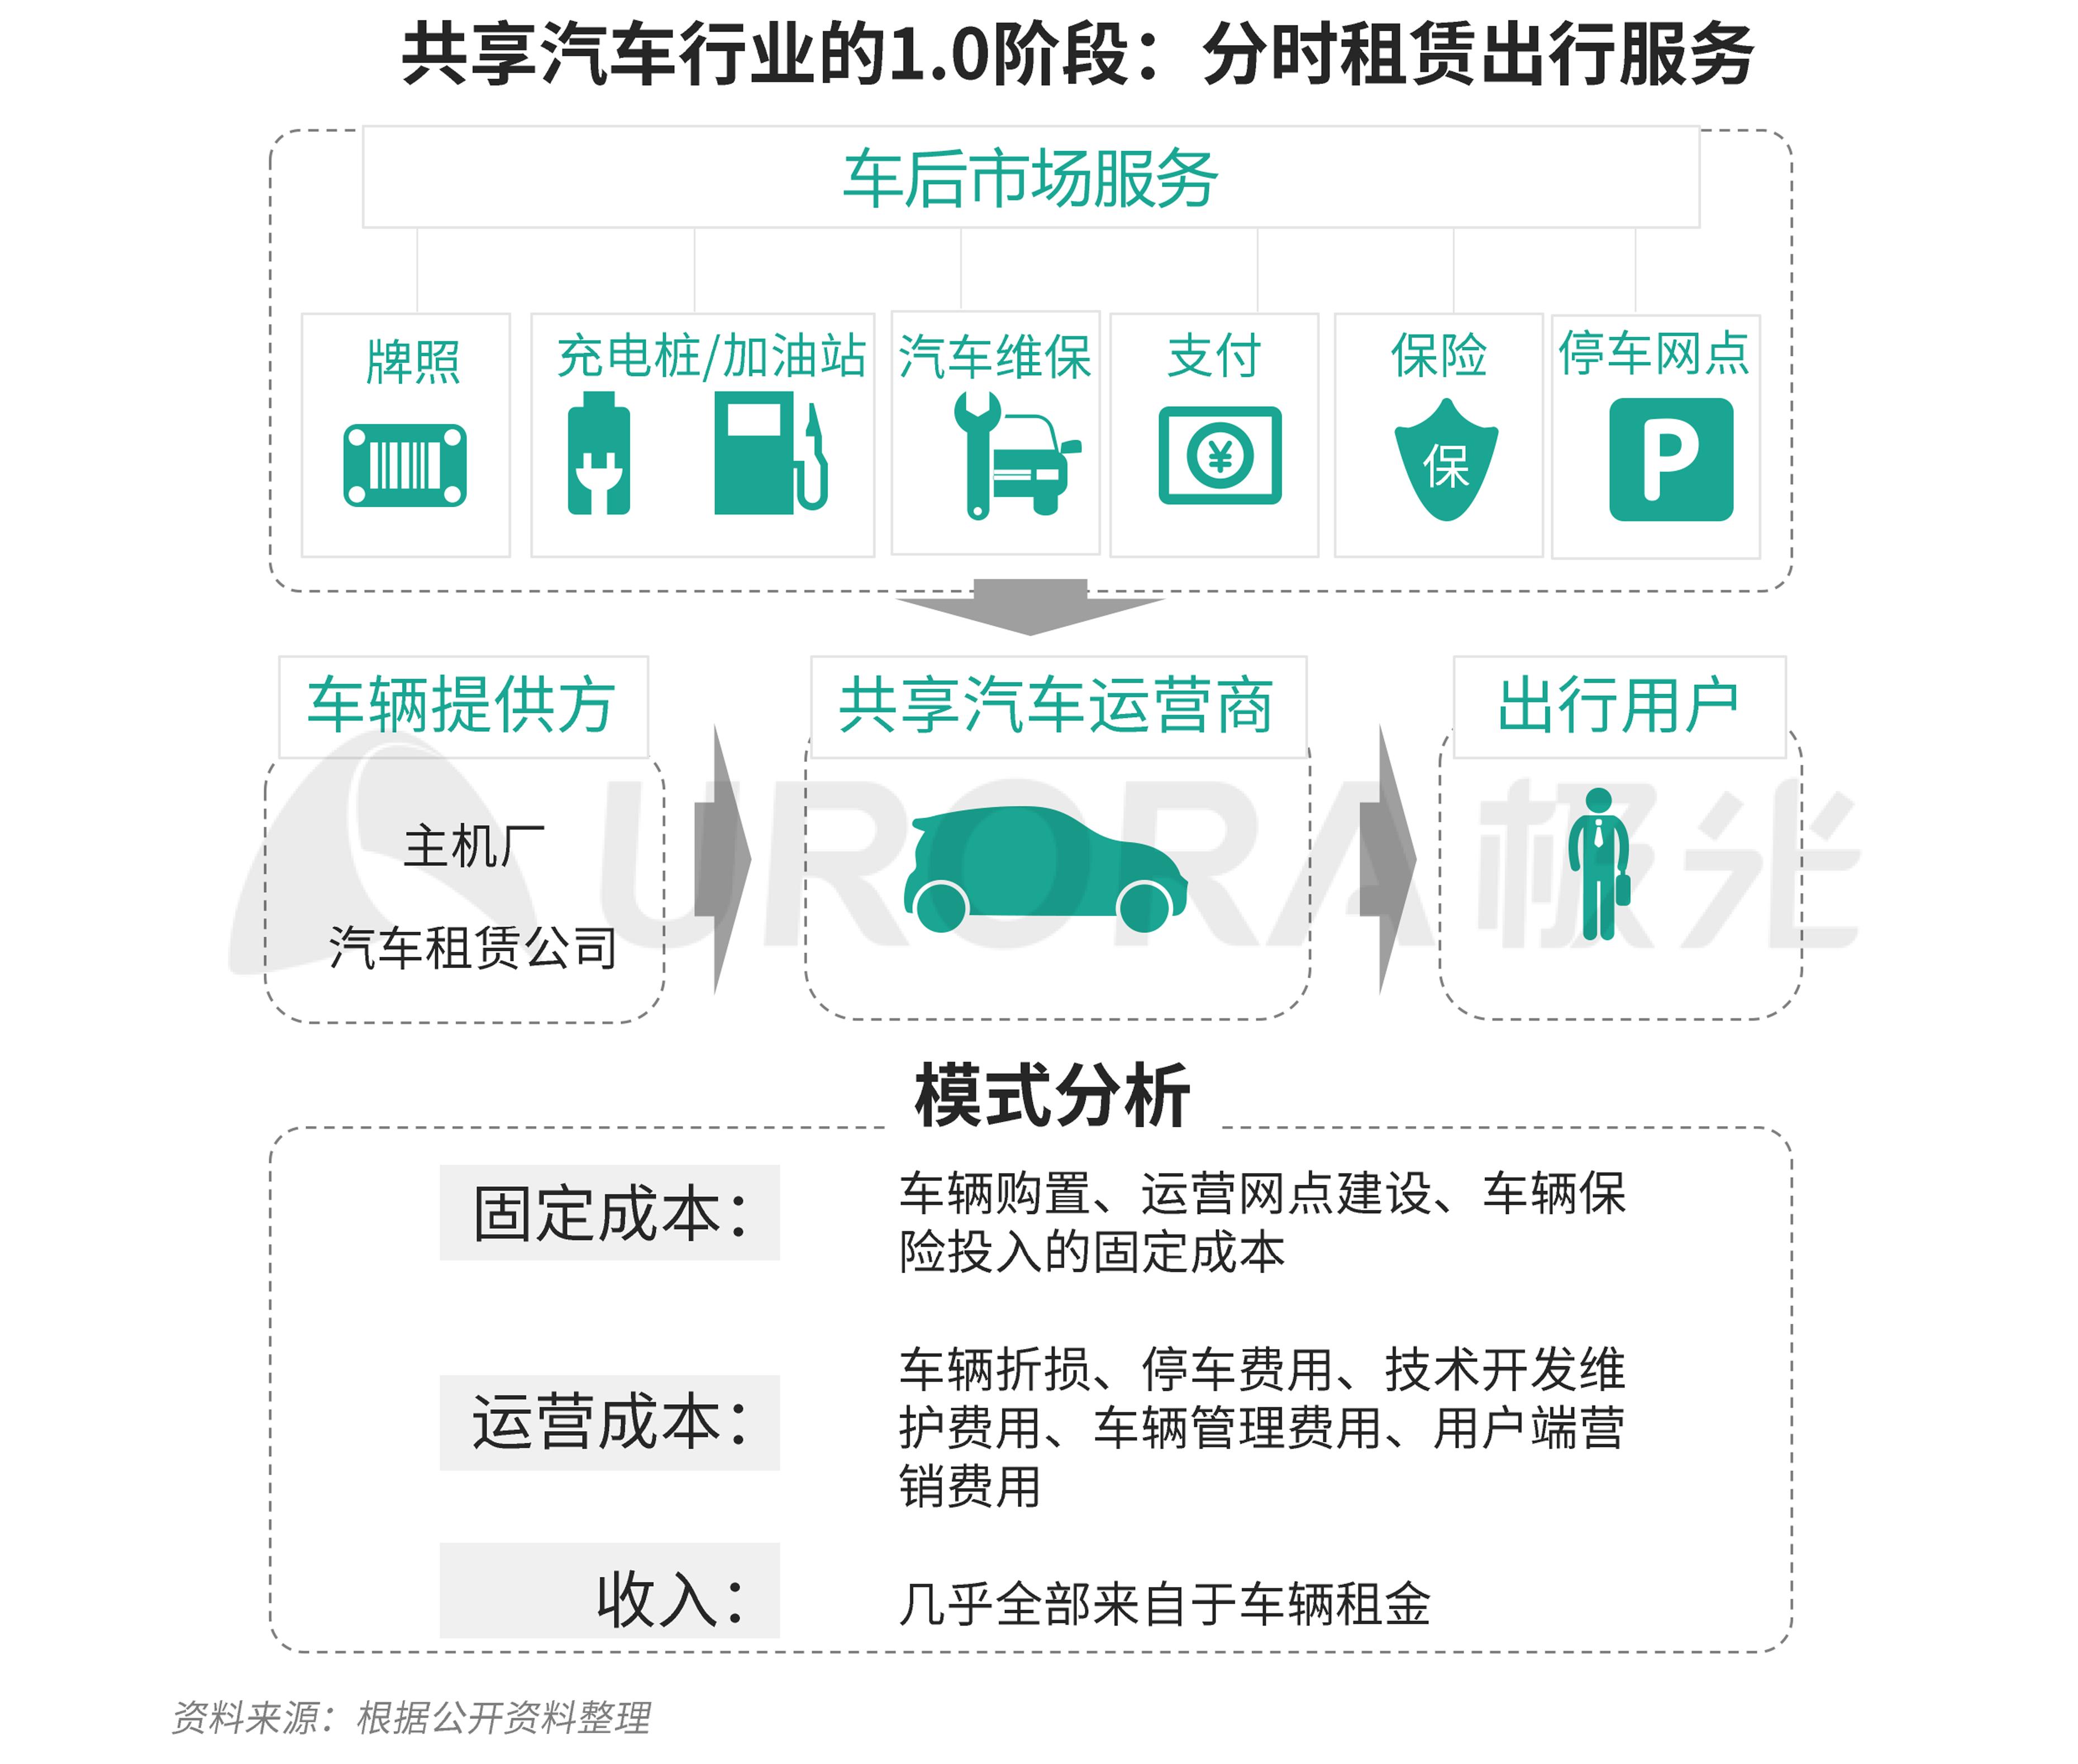 极光:汽车产业新格局 (23).png